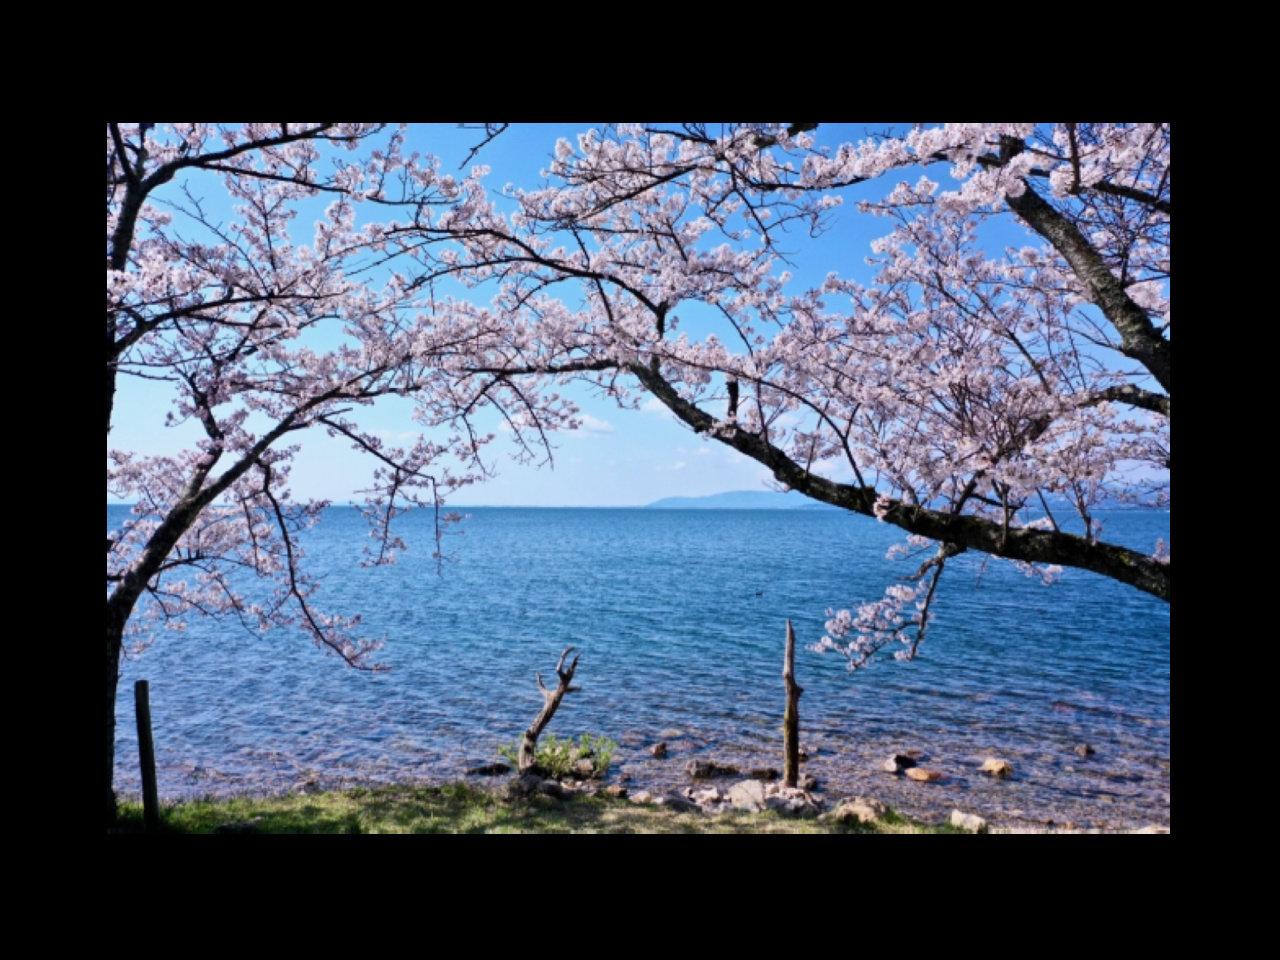 おうちじかんを楽しもう。日本全国の美しい桜を見ながらオンライン花見。